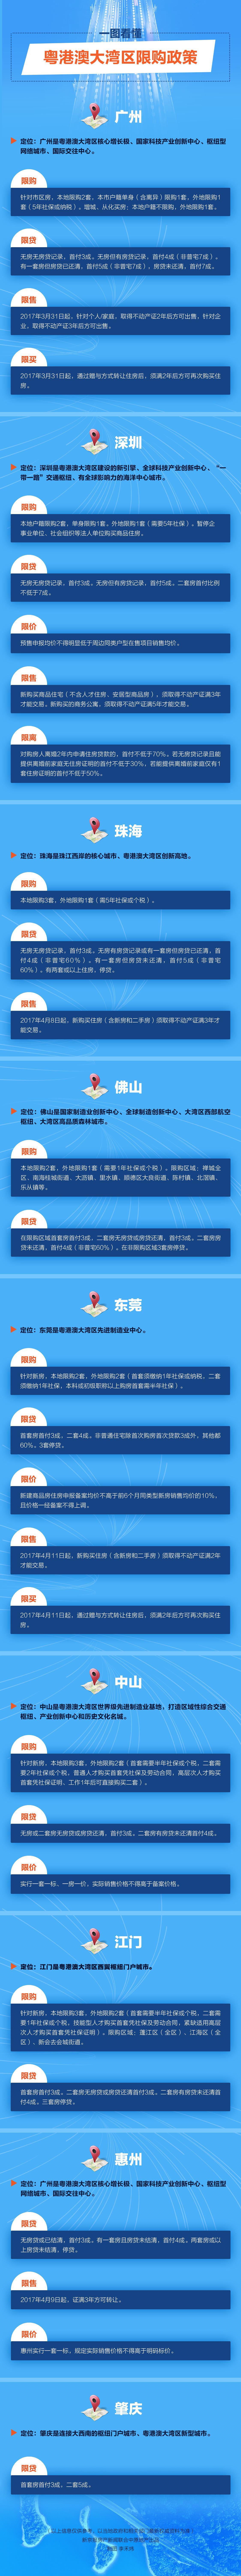 新京报编辑 武新 制图 李禾炜